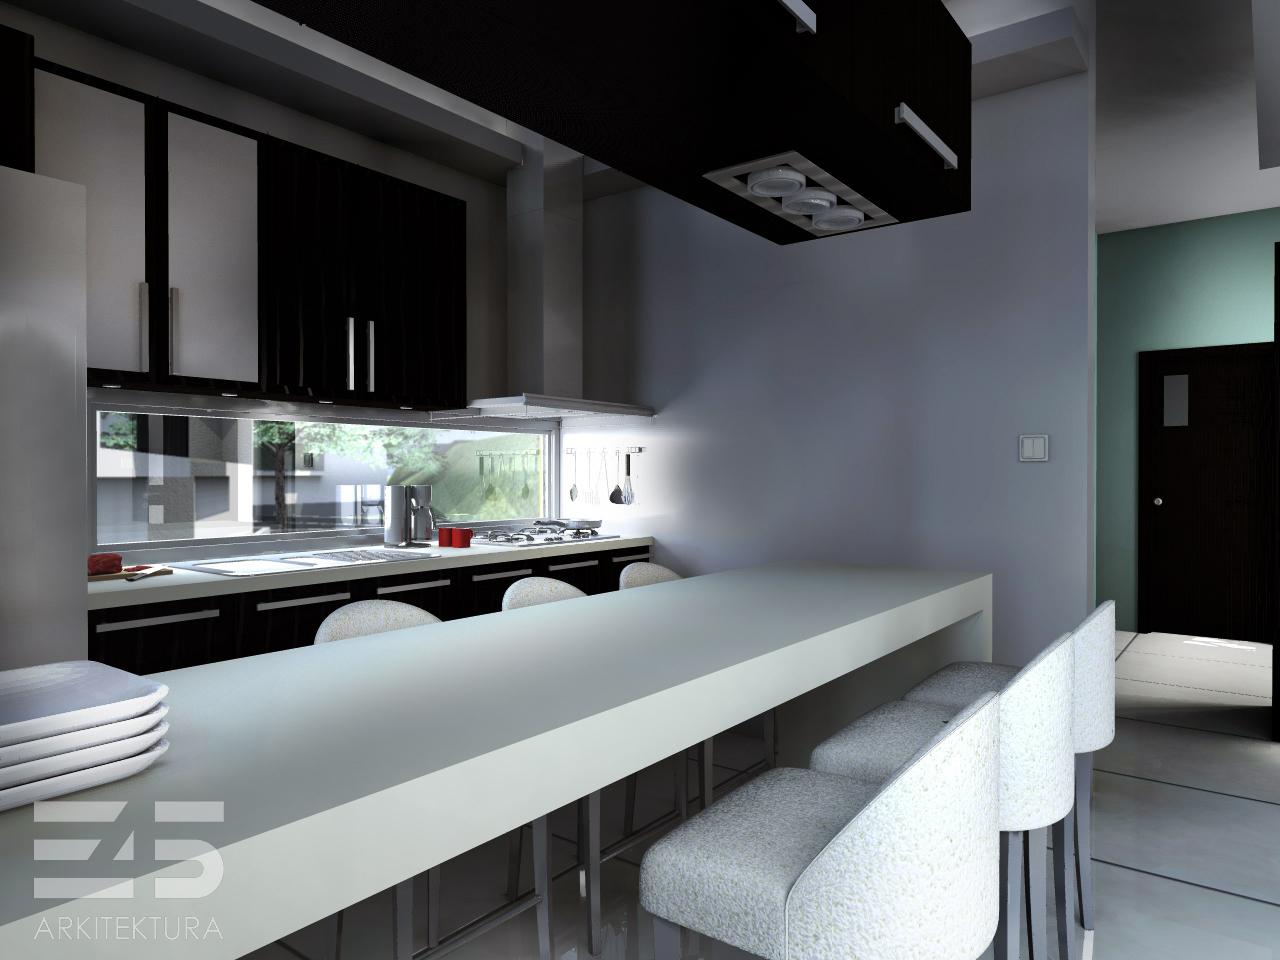 interiores_condominios_2_by_thecherryboy